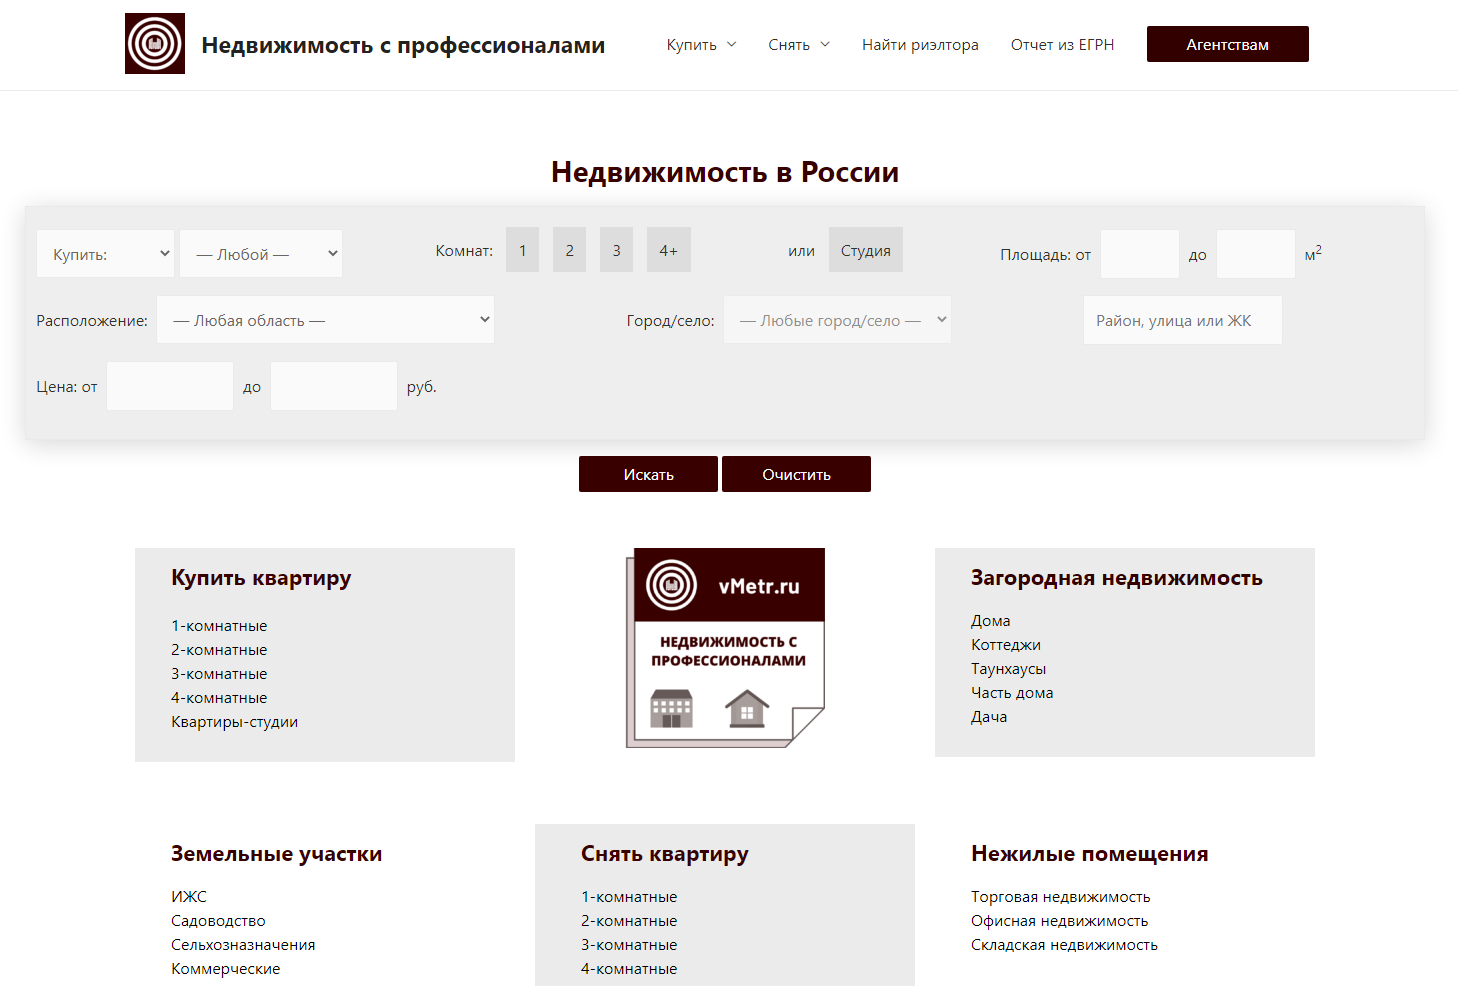 Скриншот главной страницы сайта каталога недвижимости